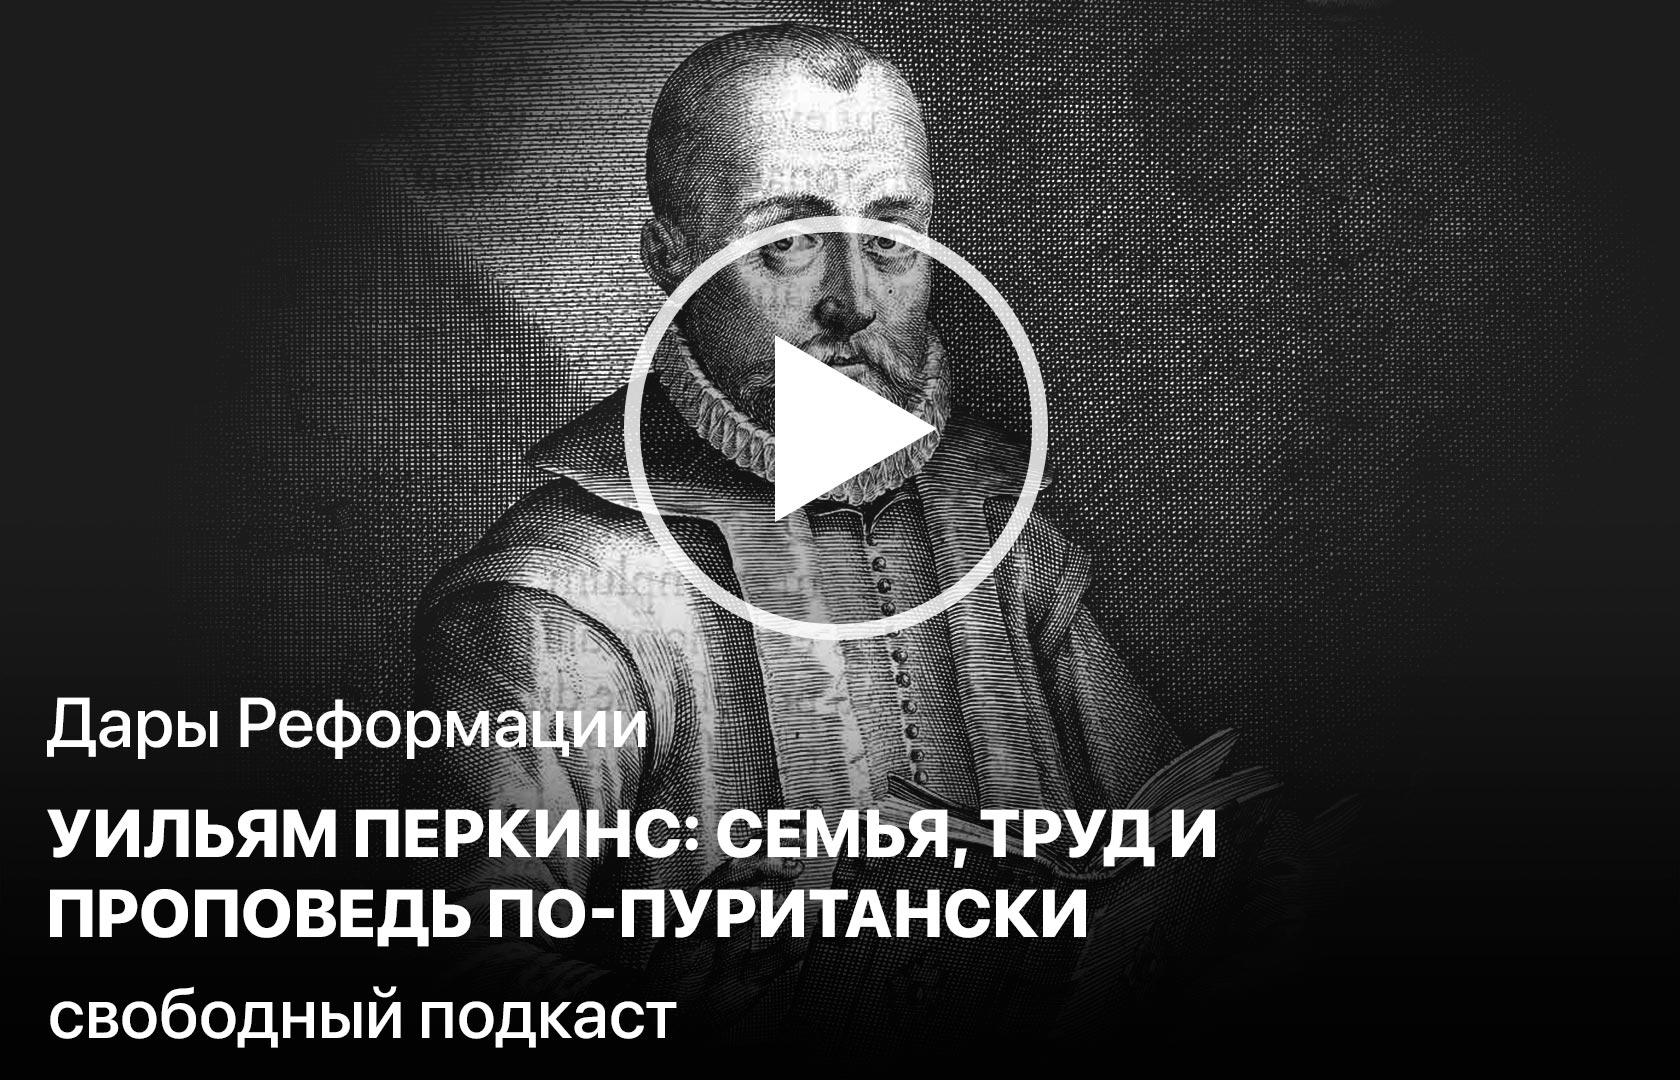 Дары Реформации.Уильям Перкинс: семья, труд и проповедь по-пуритански